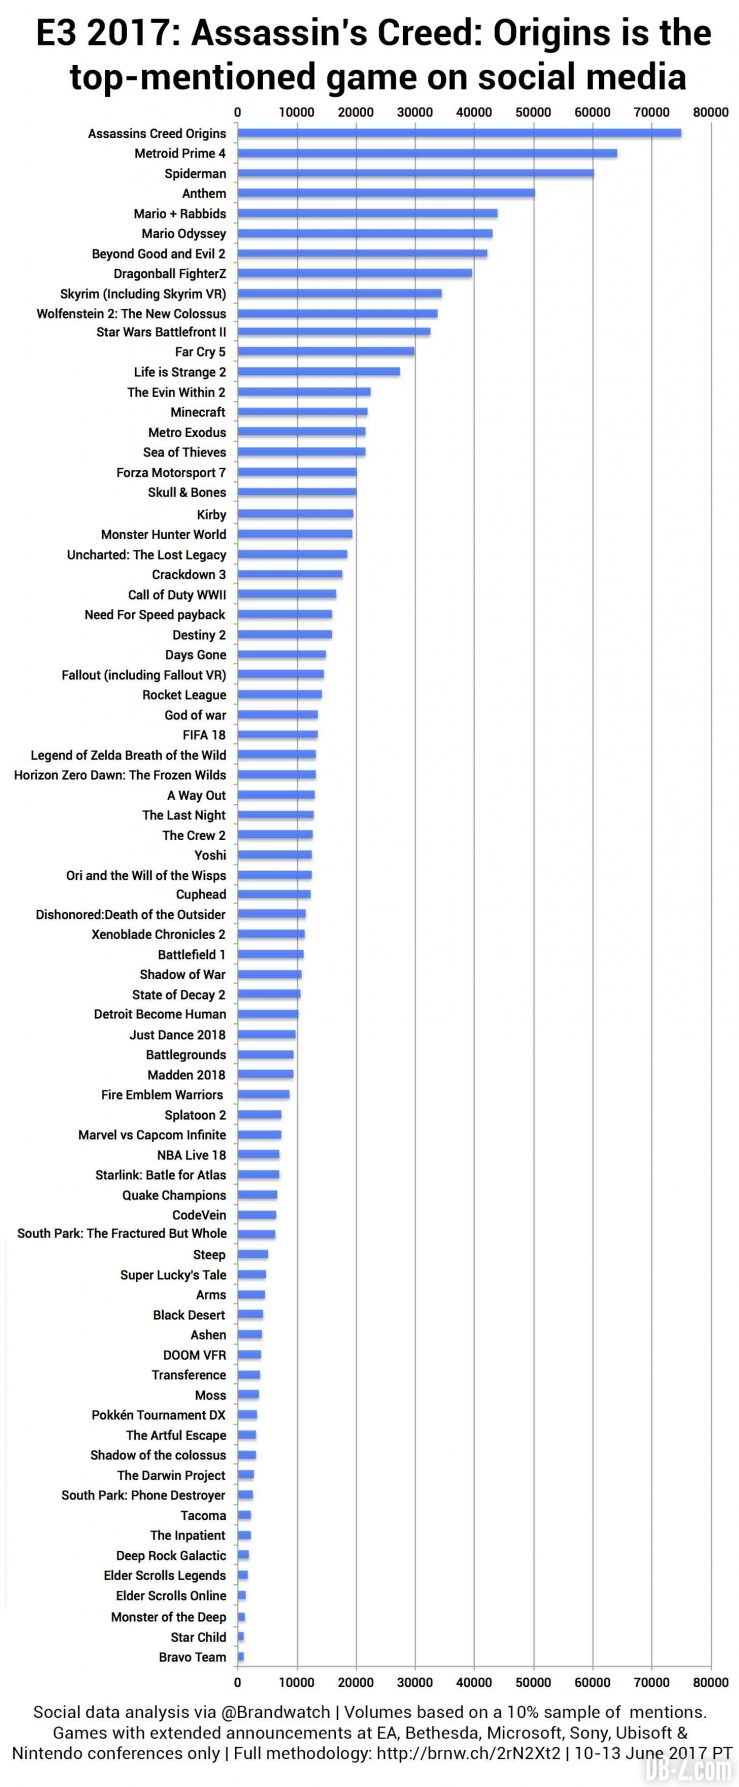 Dragon Ball FighterZ dans le top des jeux E3 mentionnés sur les réseaux sociaux